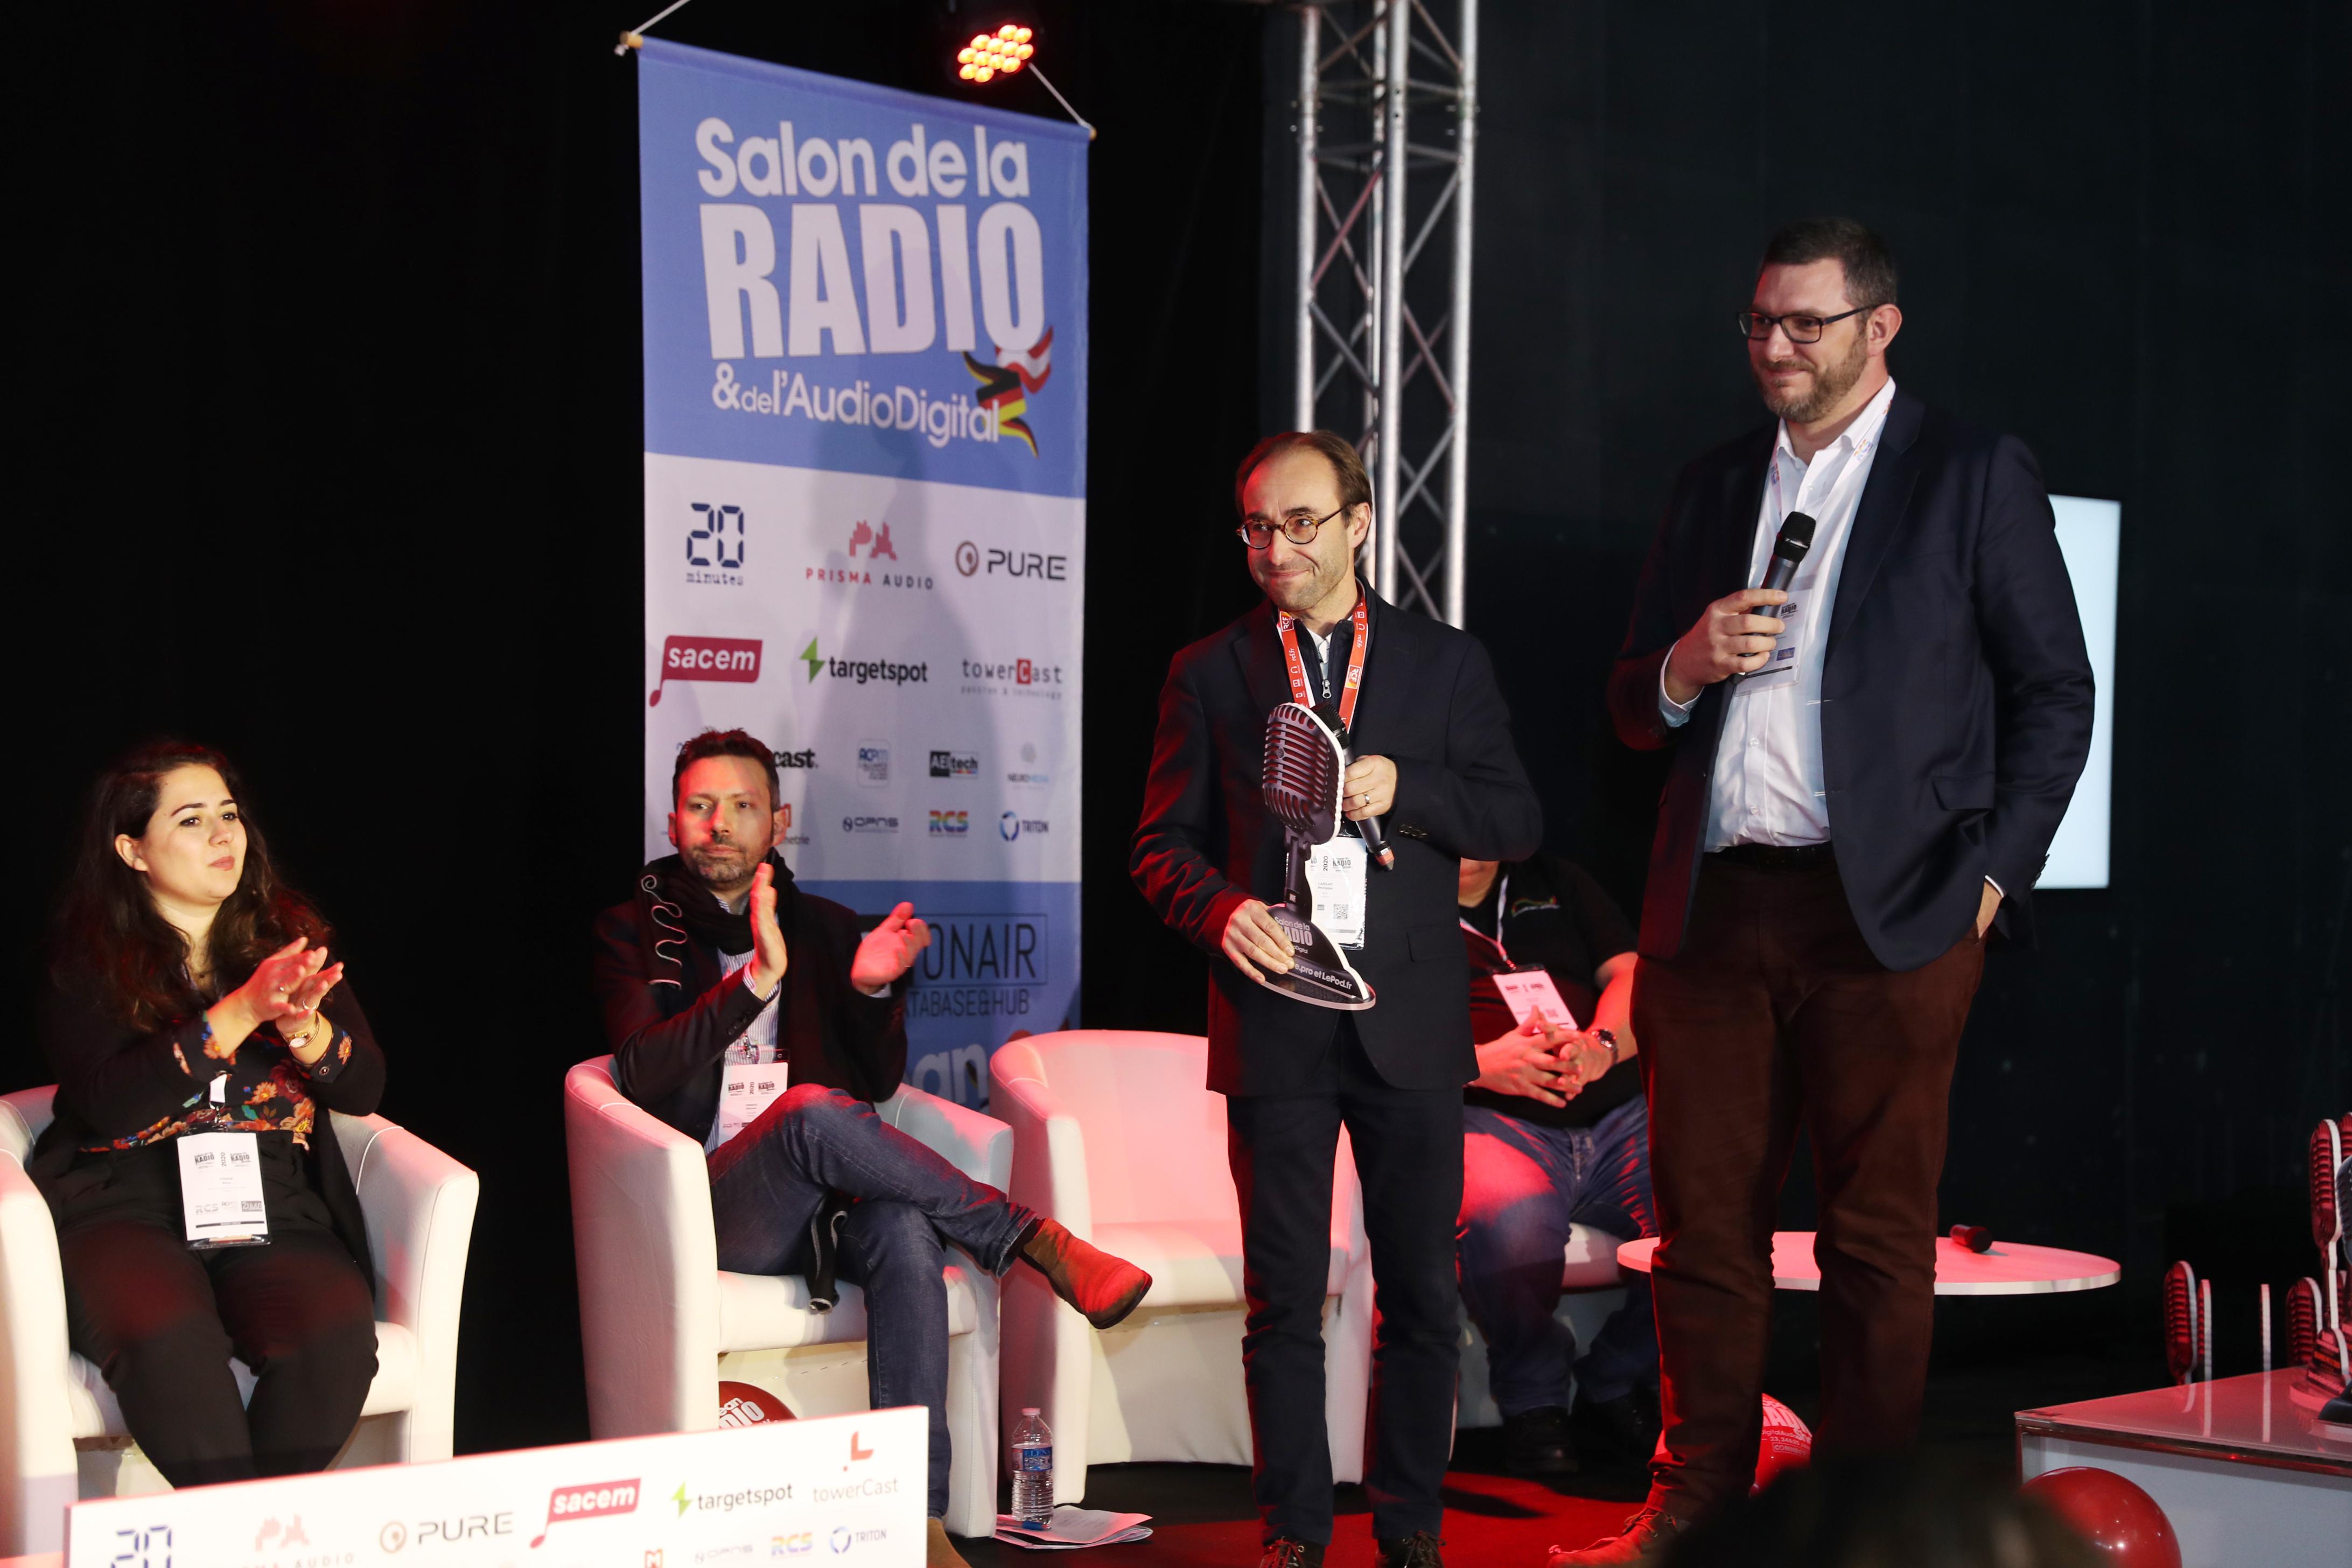 Bravo au réseau RCF qui remporte ce Grand Prix Radio face à Contact FM, Top Music, Totem et Sweet FM